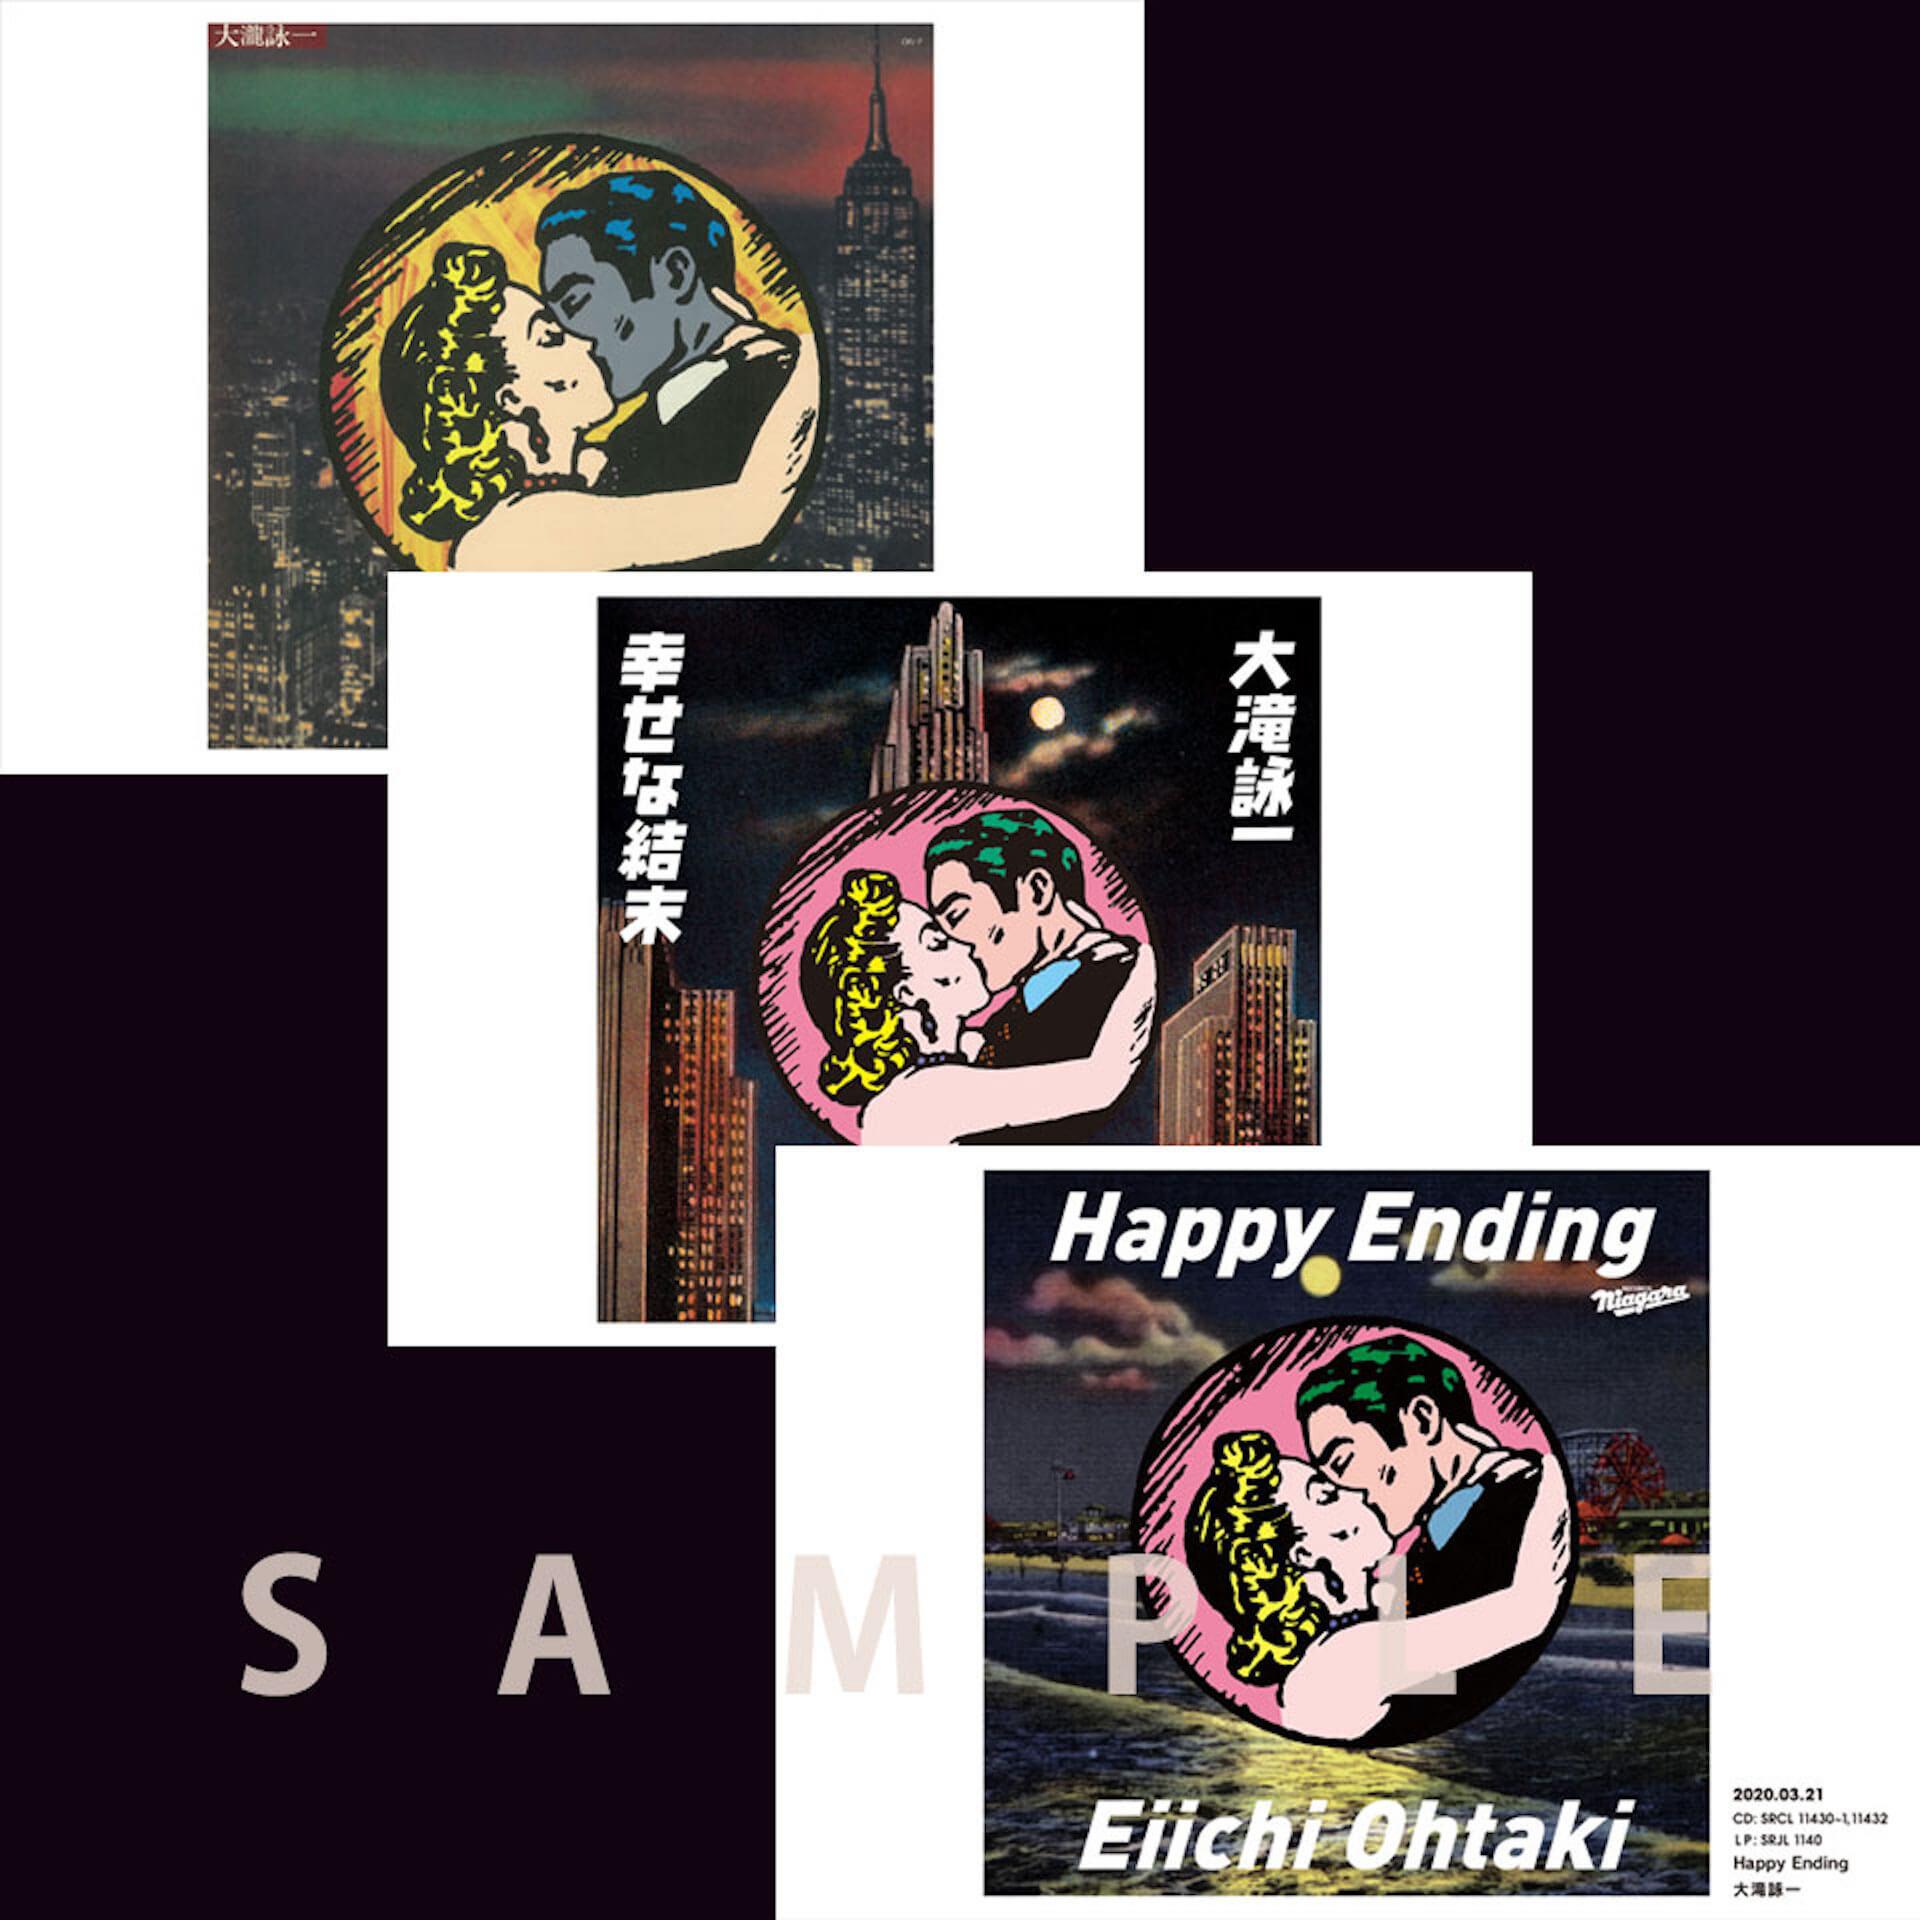 大滝詠一デビュー50周年記念盤『Happy Ending』収録楽曲が解禁!予約特典ポストカードセットのビジュアルも公開 music200121_ohtakieiichi_2